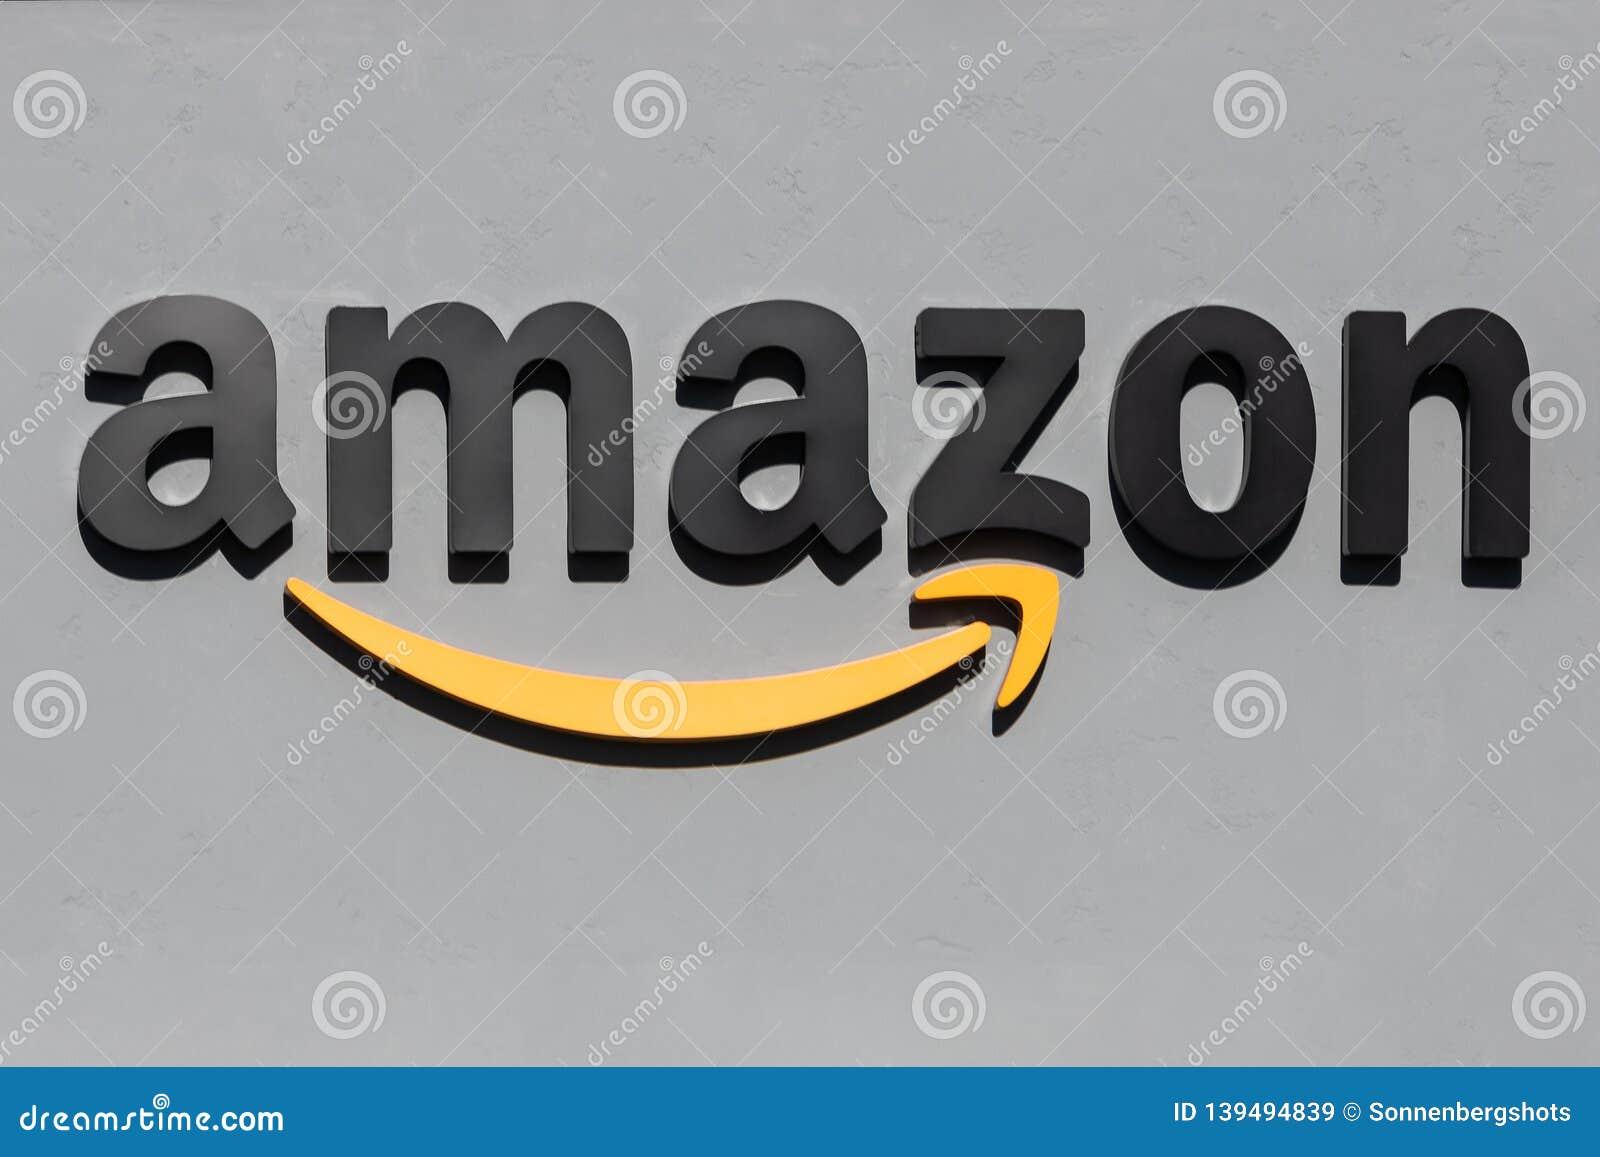 Amazonbooks Signage against a grey background